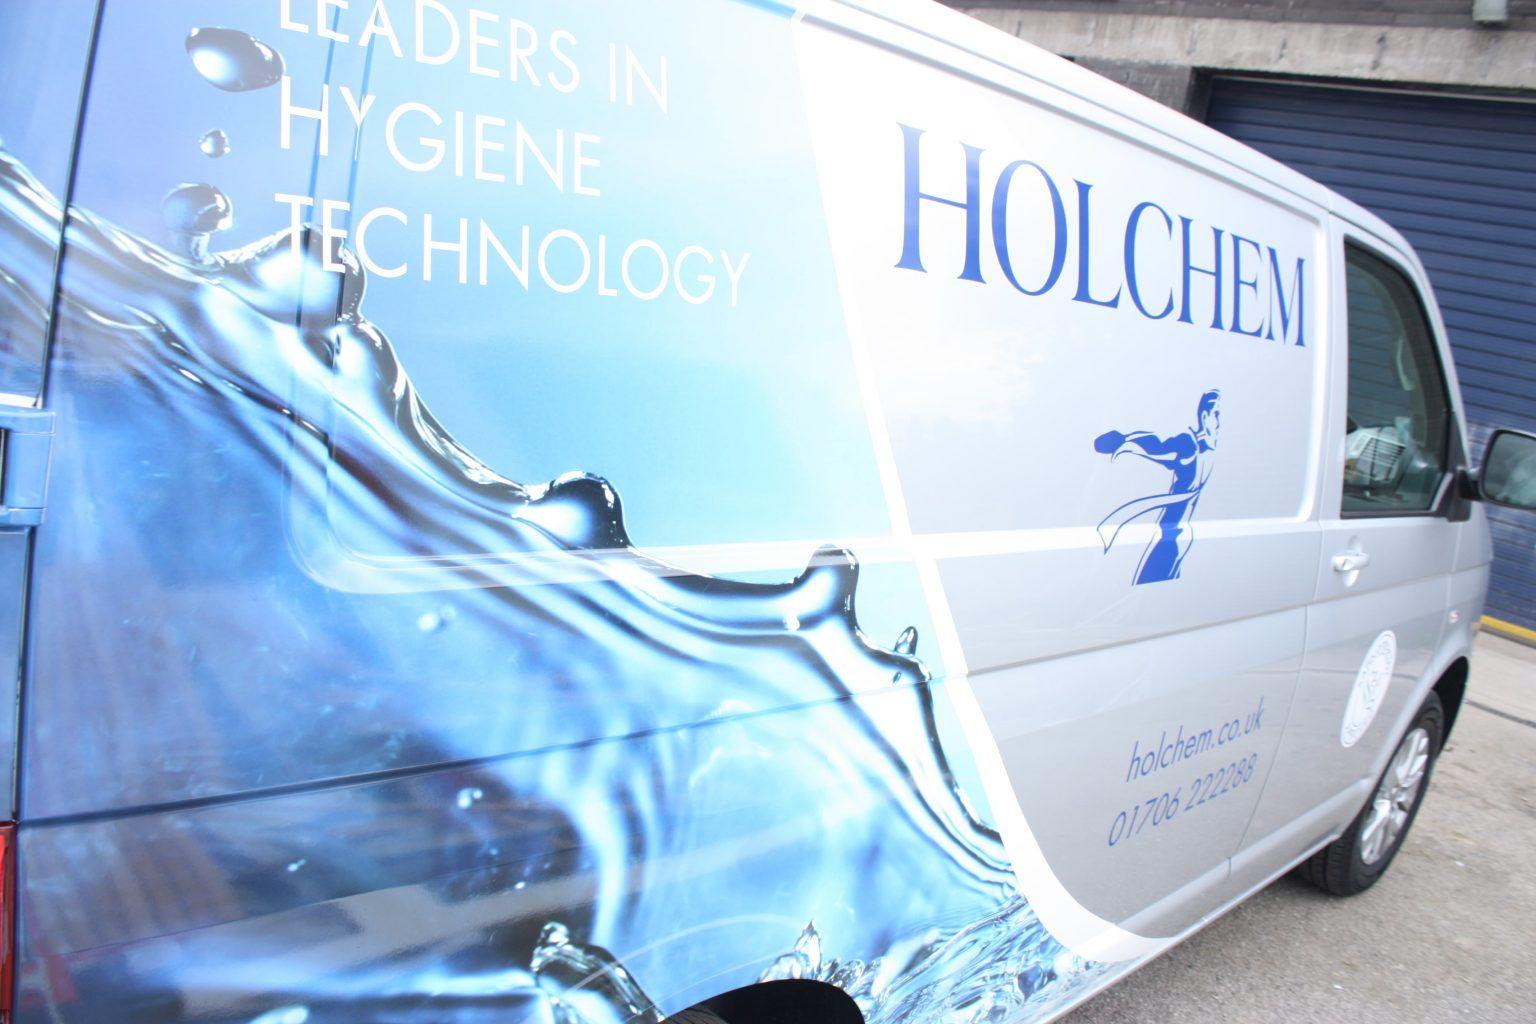 Holchem Vehicle Wrap